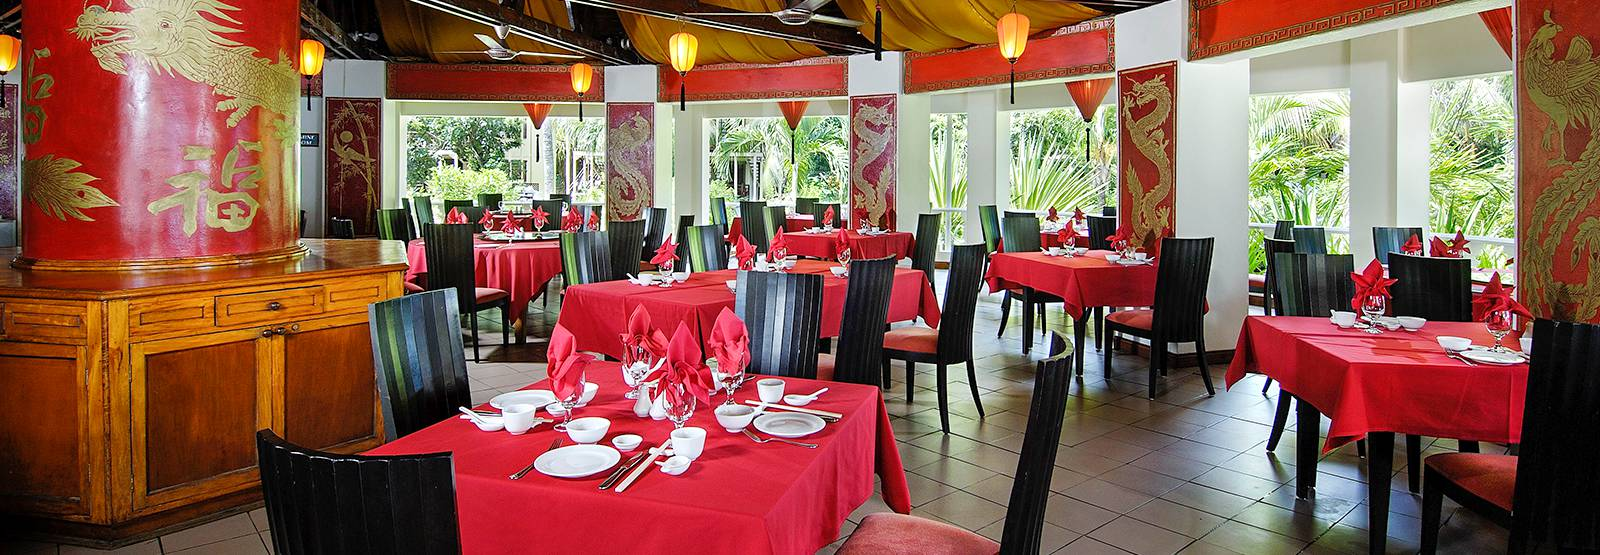 Mahe Chinese Restaurant | Dining at Le Canton, Berjaya Beau